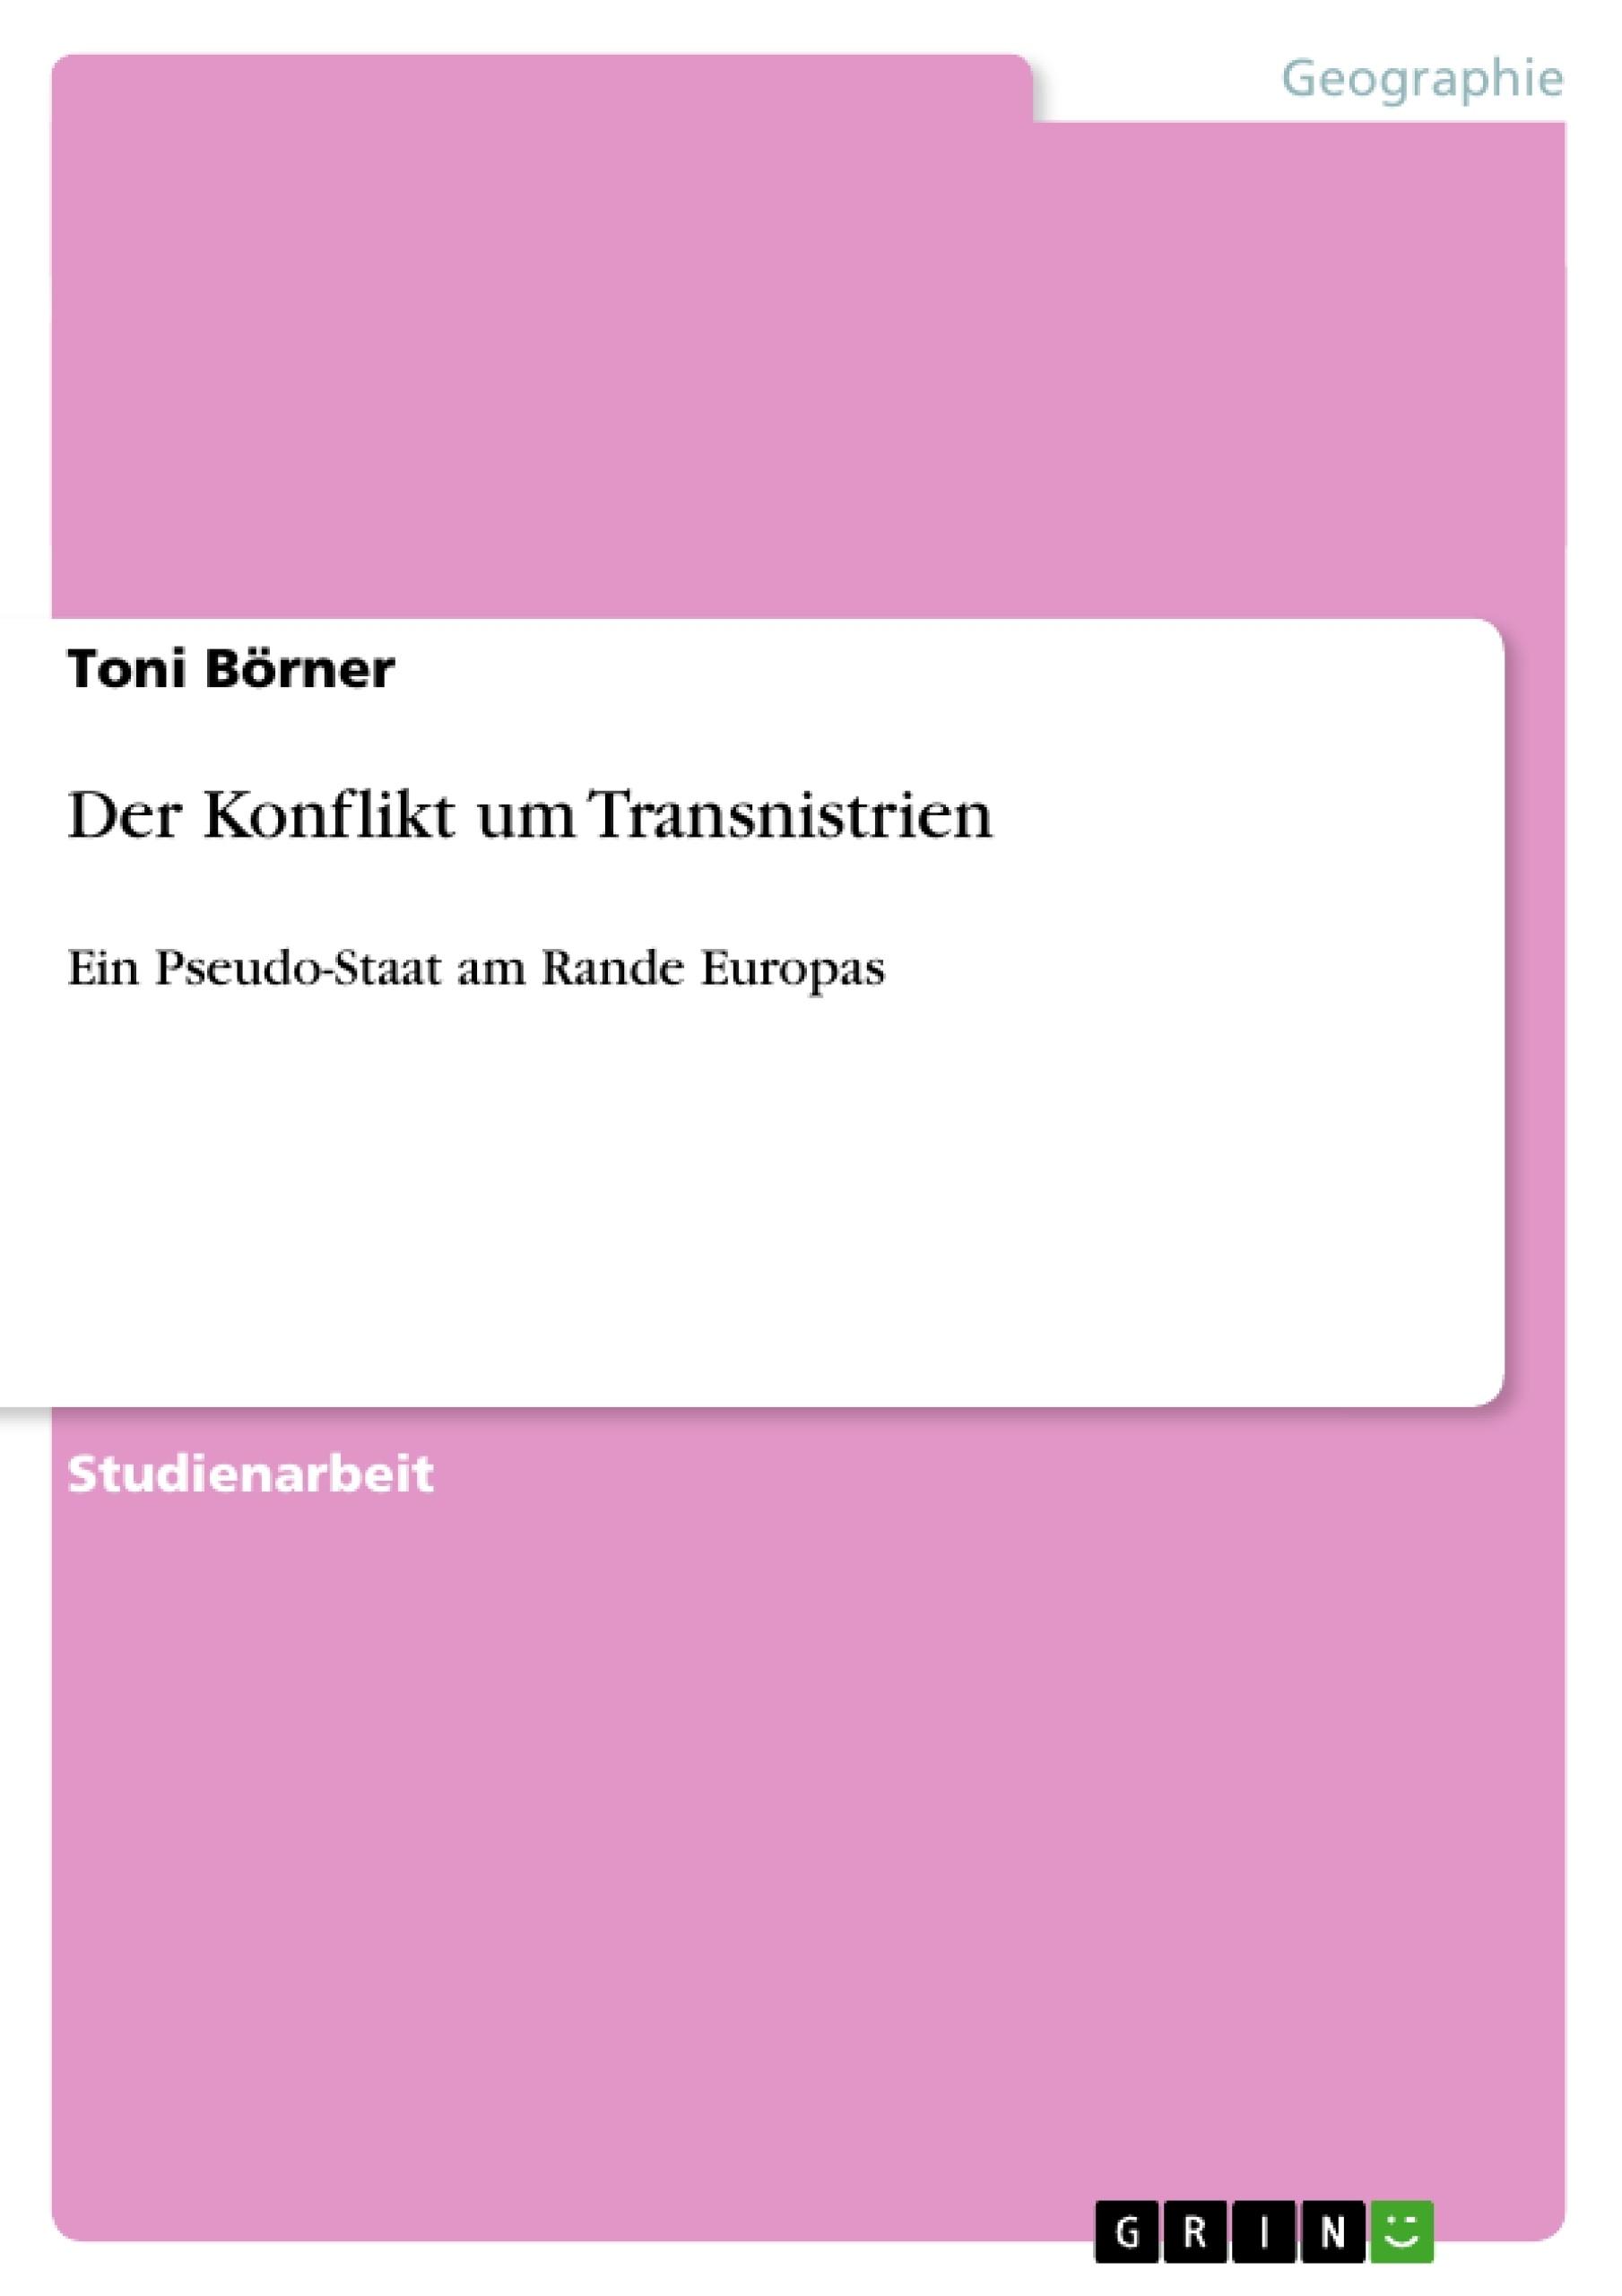 Titel: Der Konflikt um Transnistrien